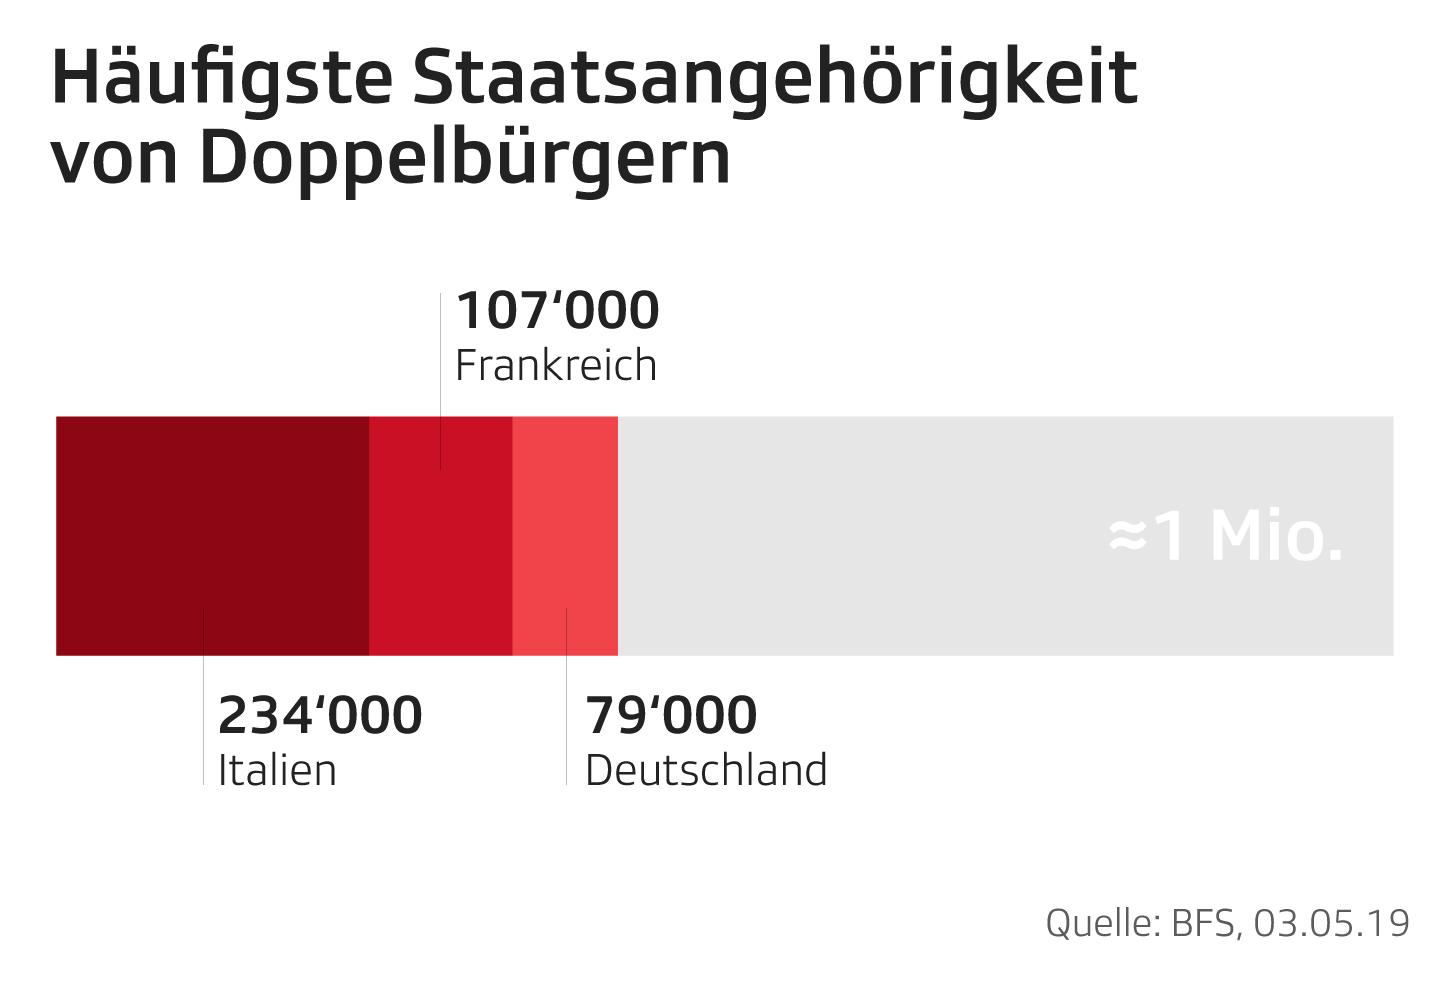 Prozentualer Anteil ausländische Wohnbevölkerung